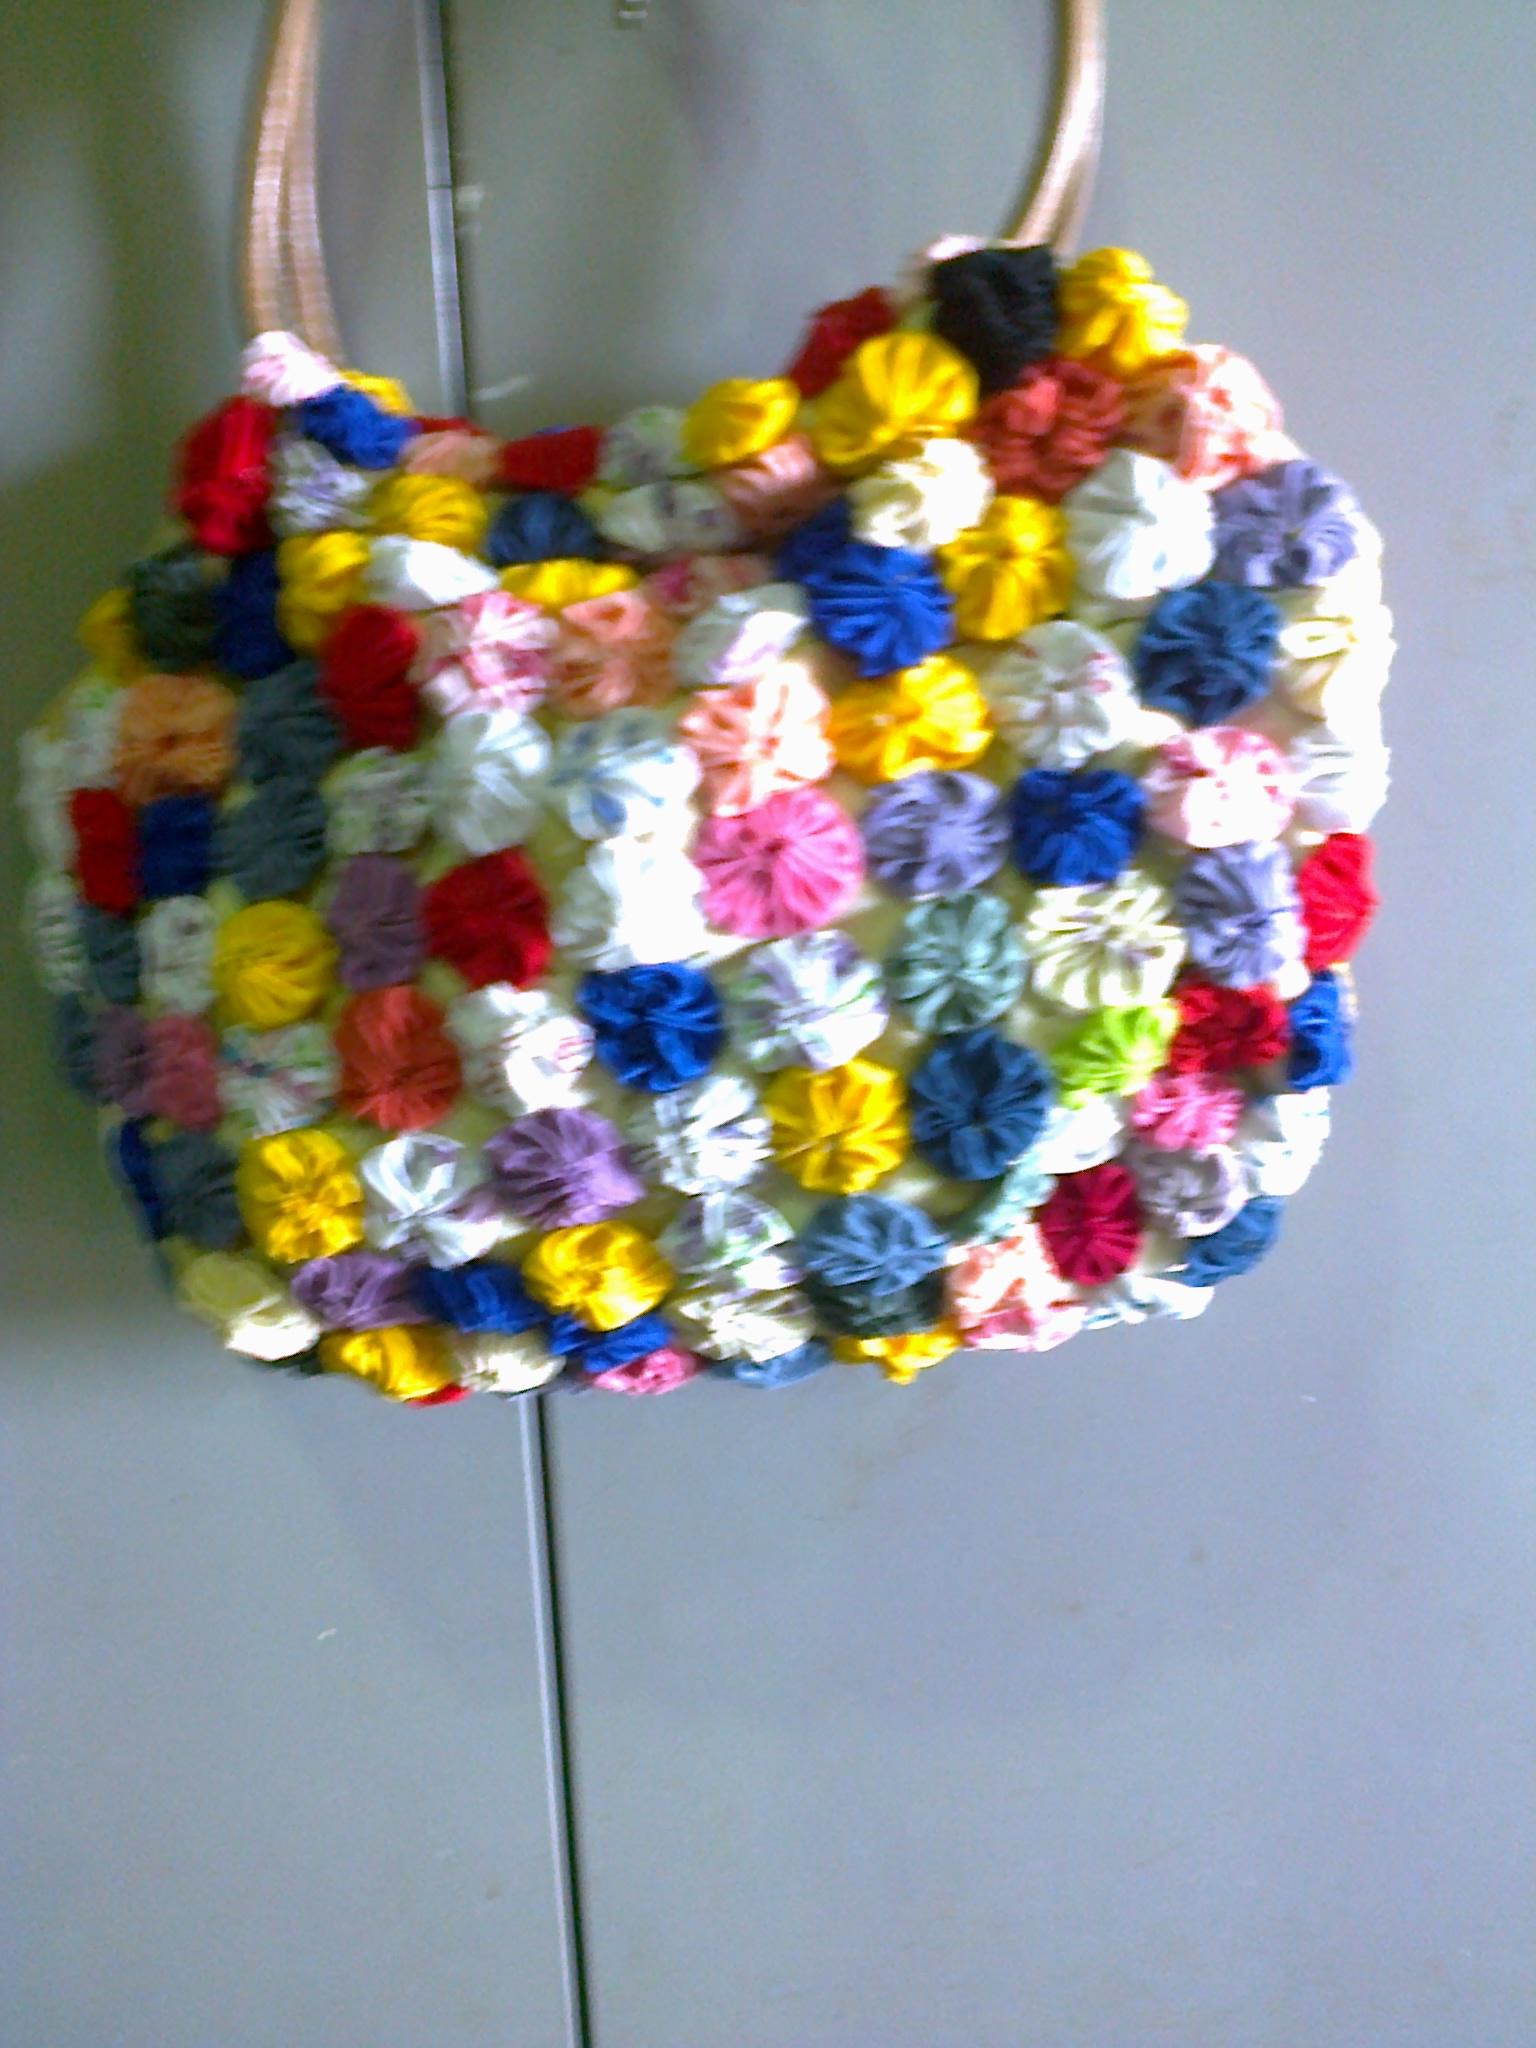 Bolsa De Tecido Feita Com Nós : Bolsa feita com fuxico em tecidos artes couro e